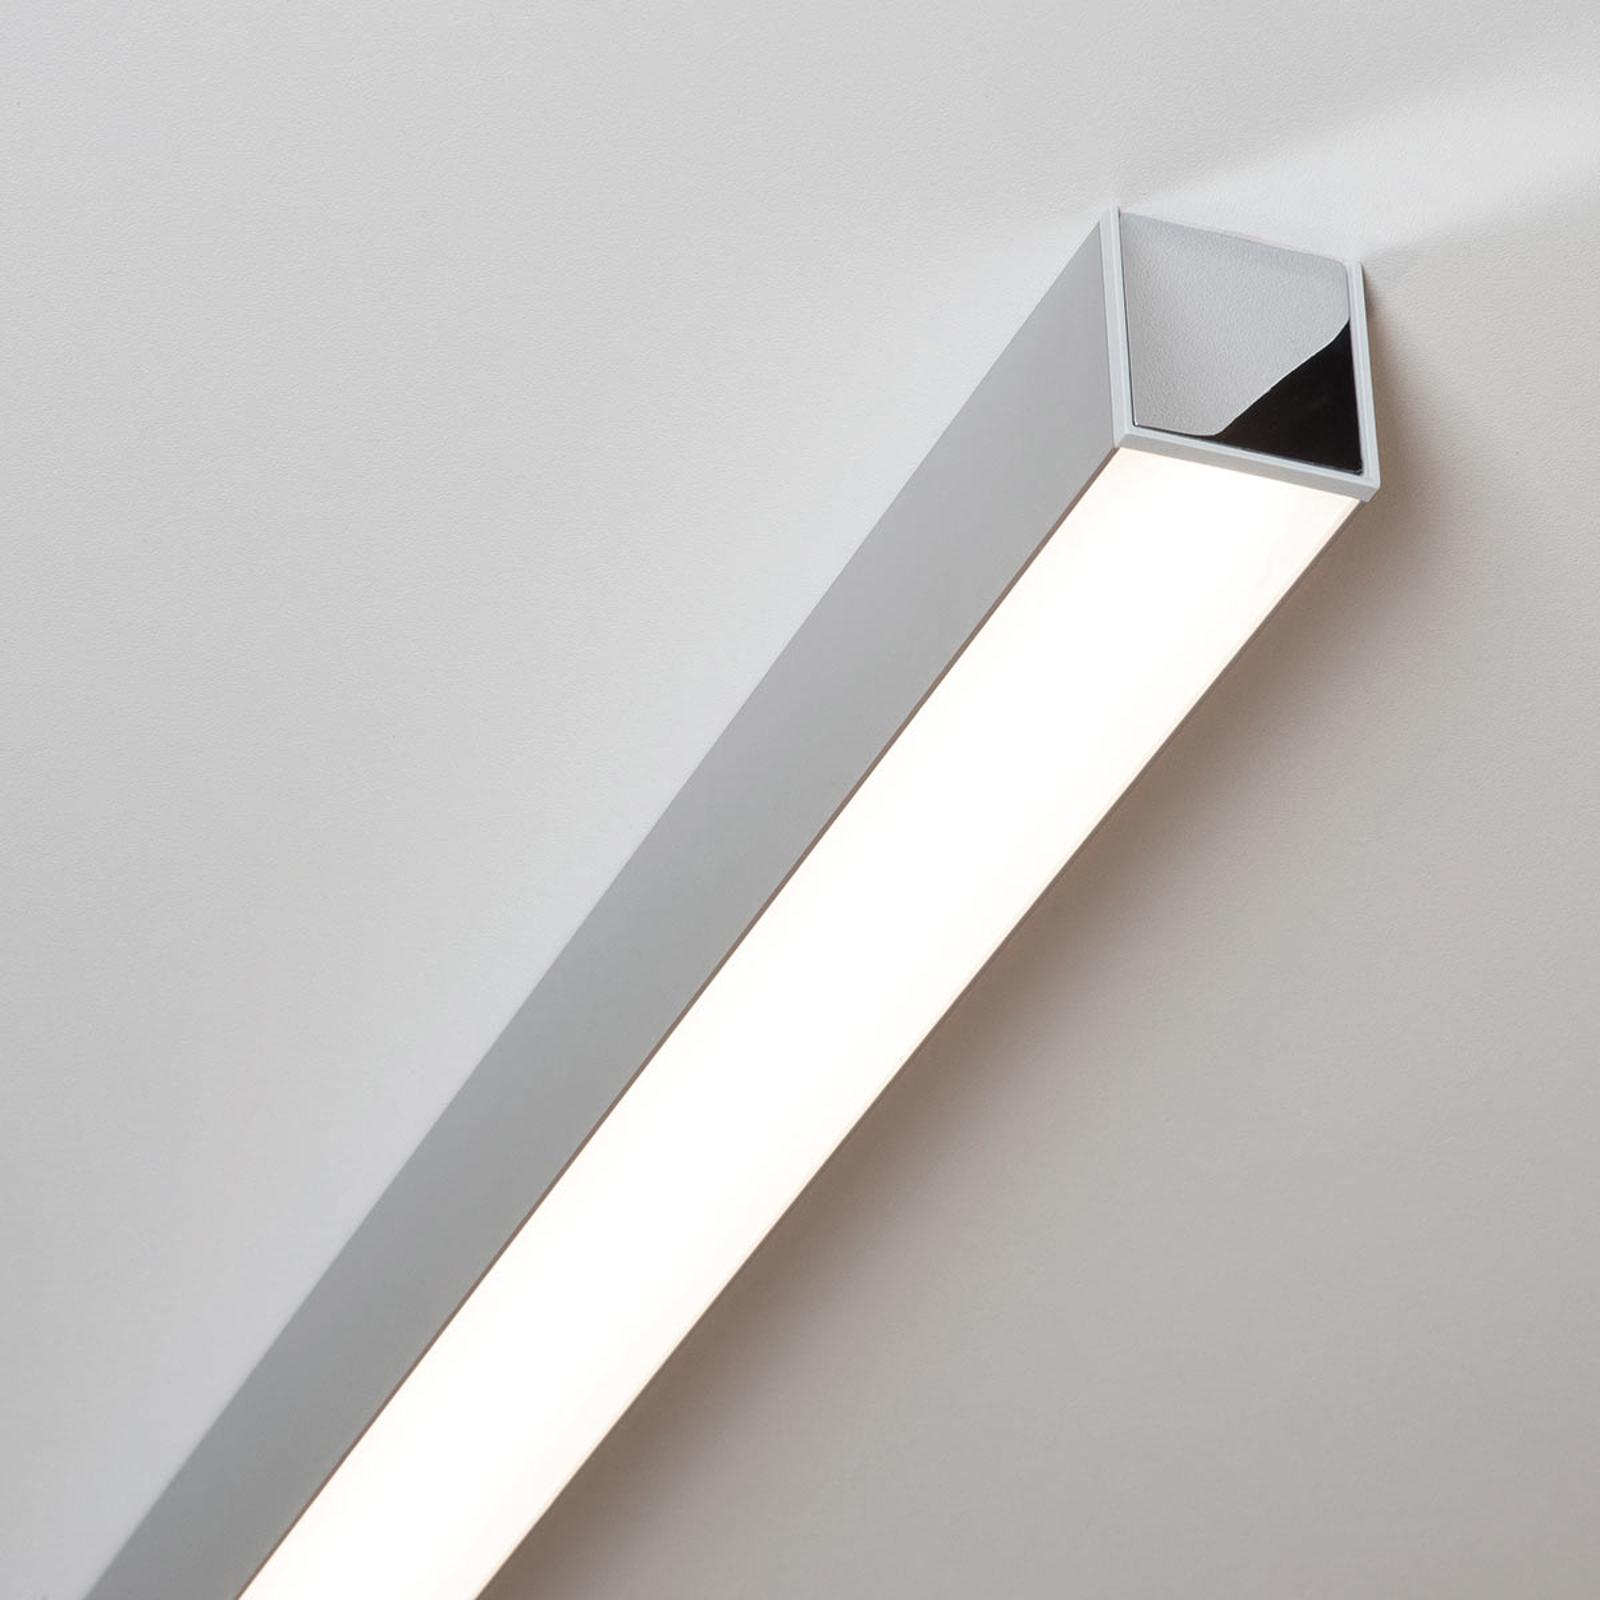 LED-Deckenleuchte Ride 57,7 cm, alu eloxiert